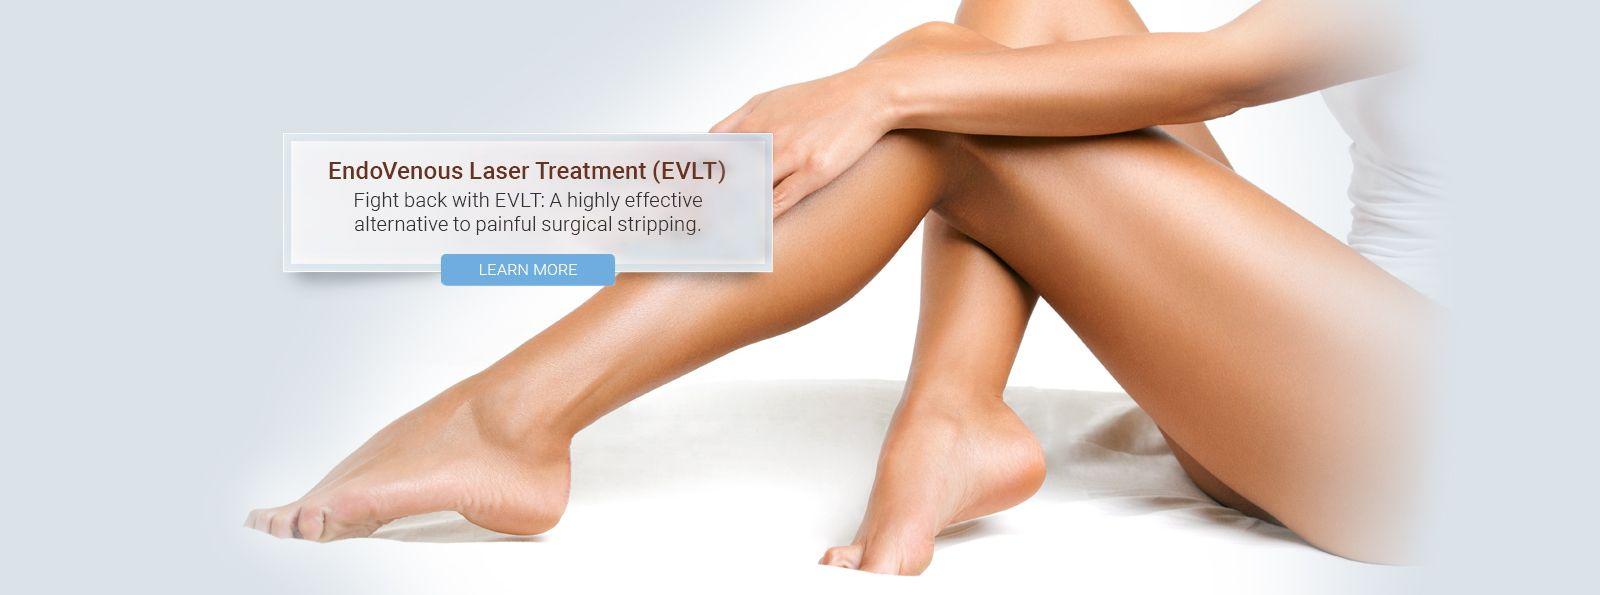 Endovenous Laser Treatment (EVLT)